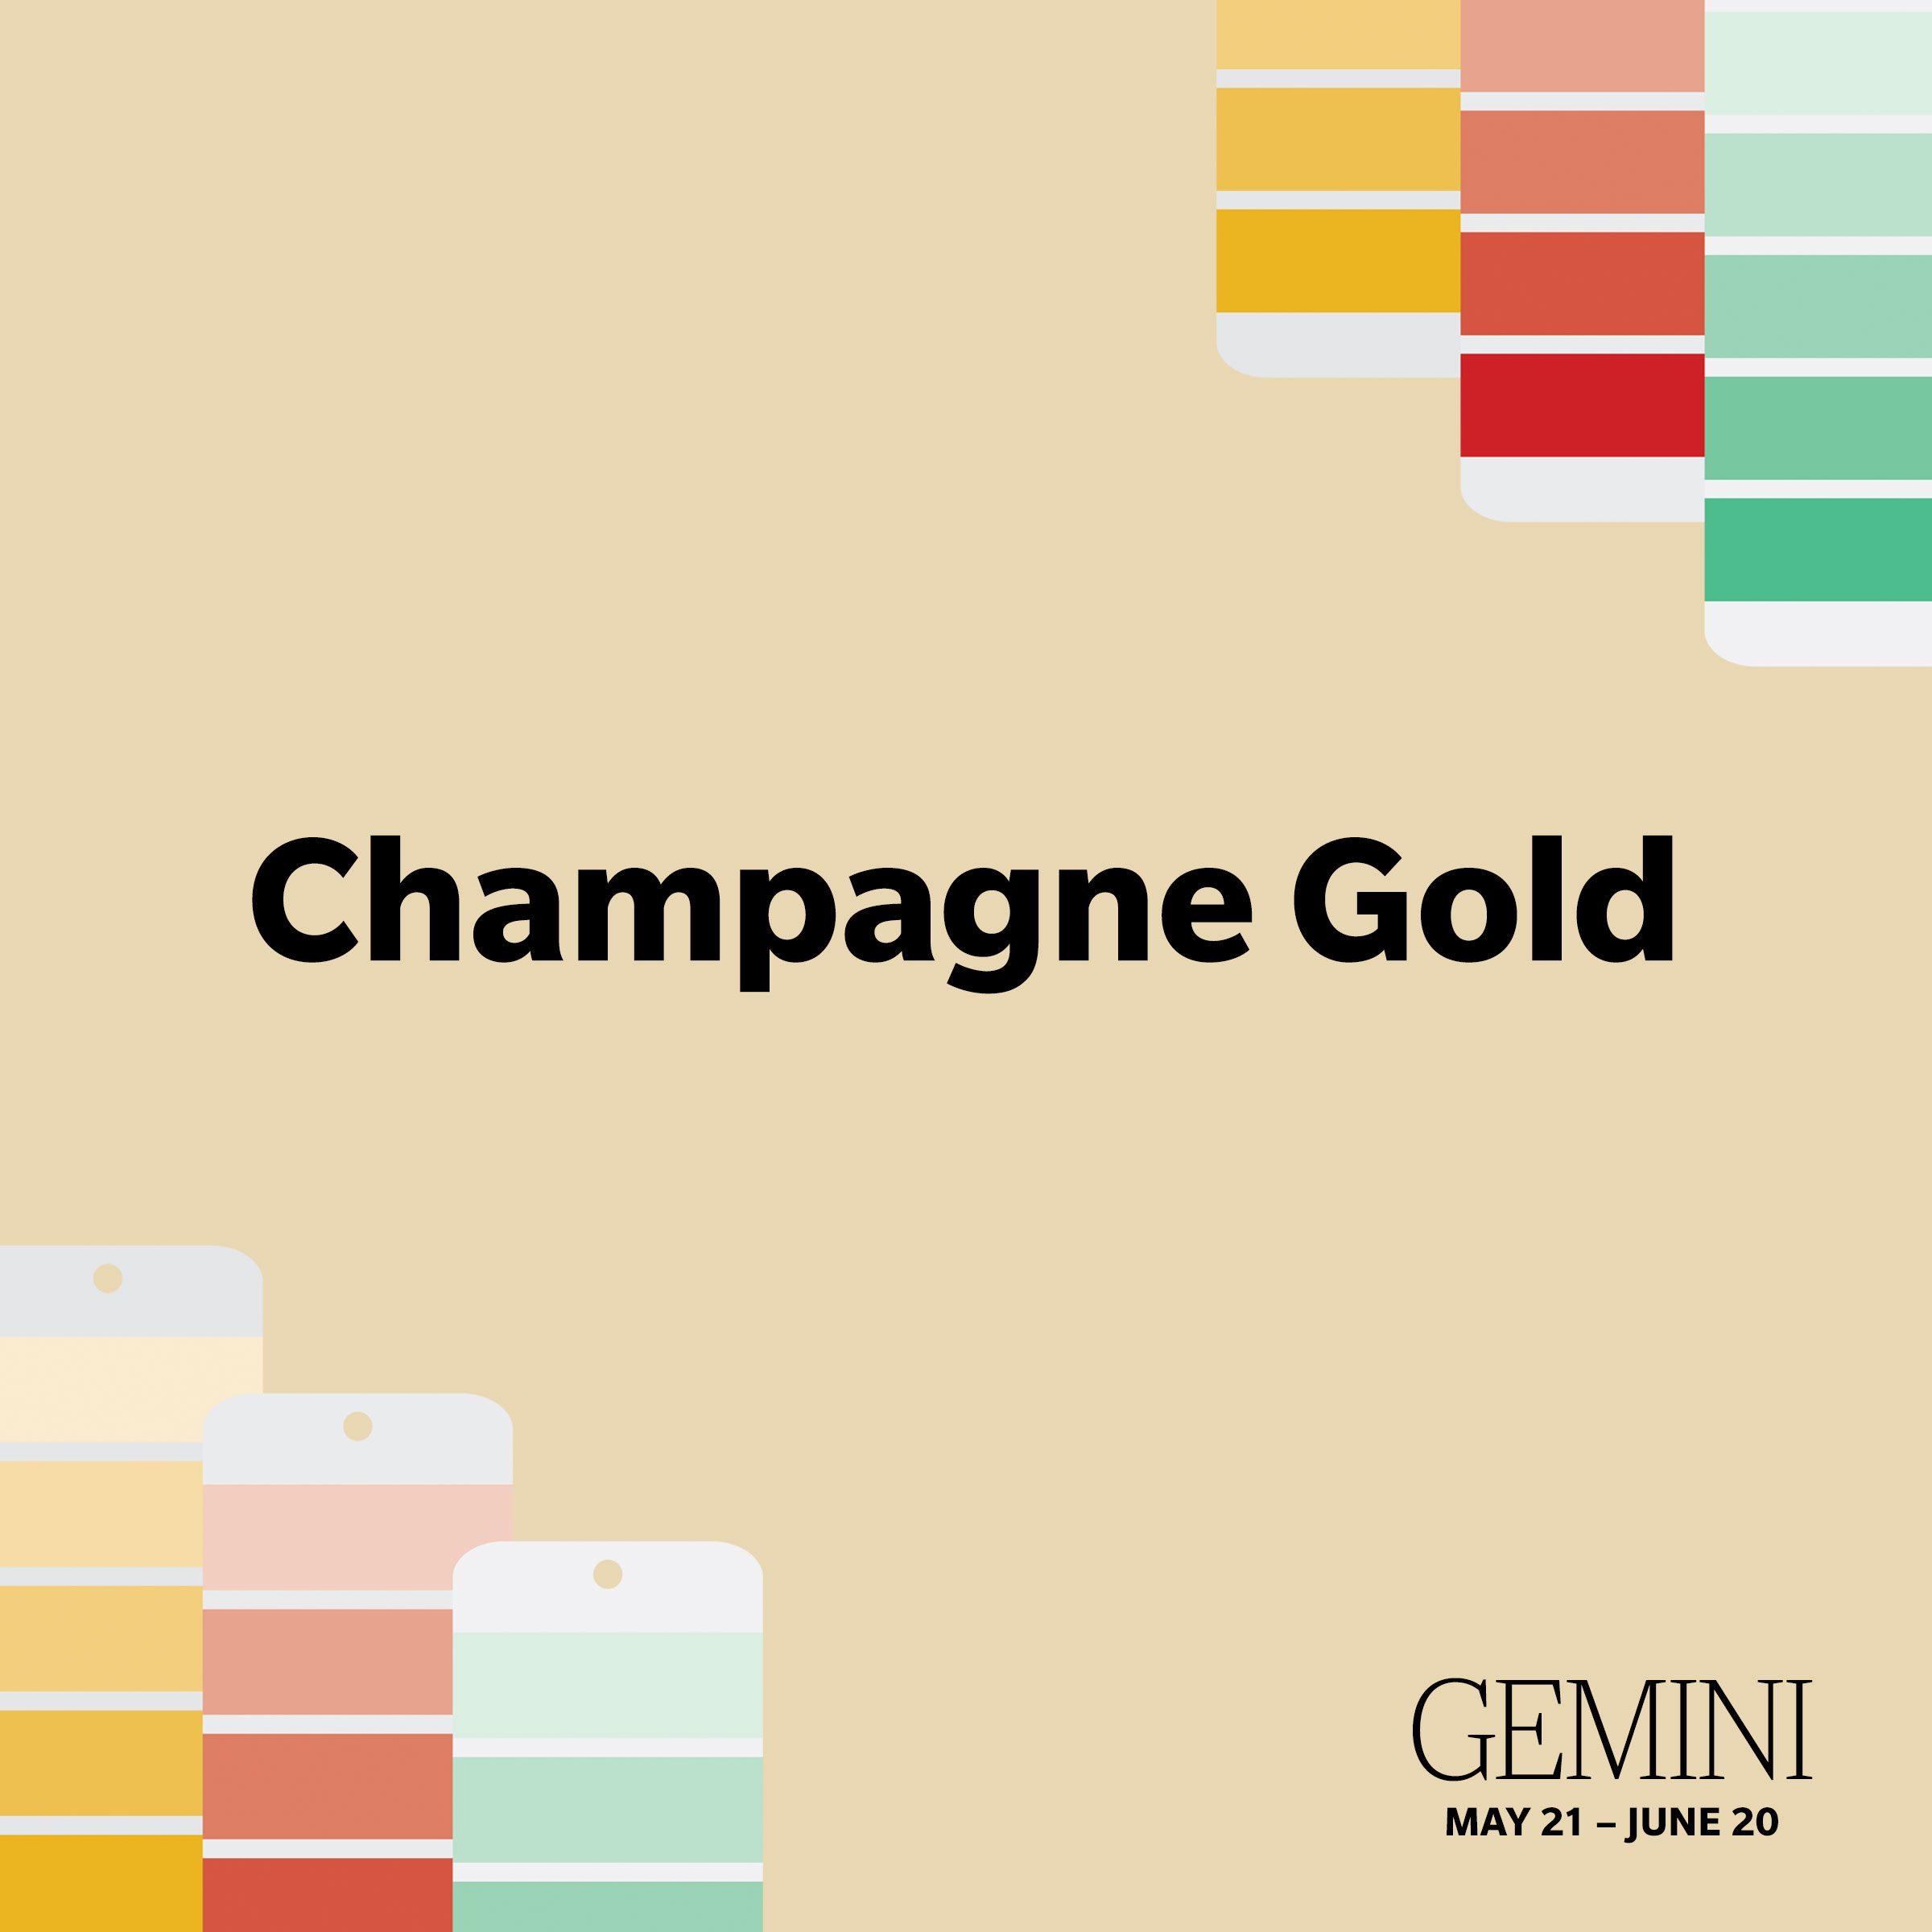 Gemini: Champagne Gold